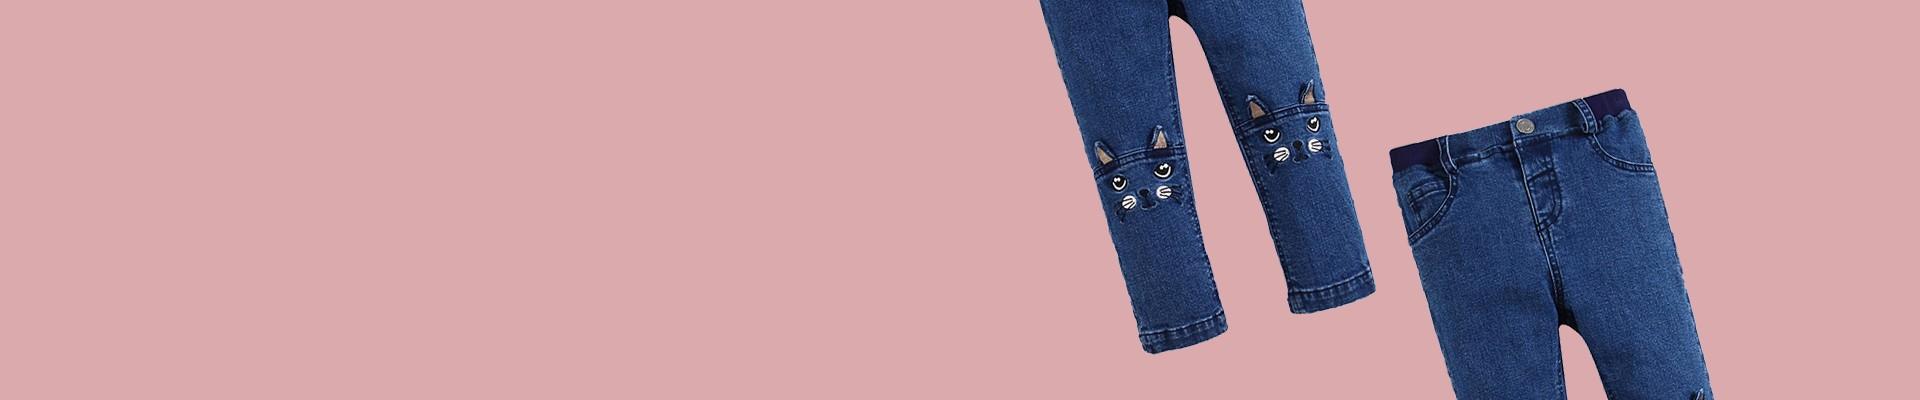 Jual Celana Jeans Anak Perempuan Model Terbaru